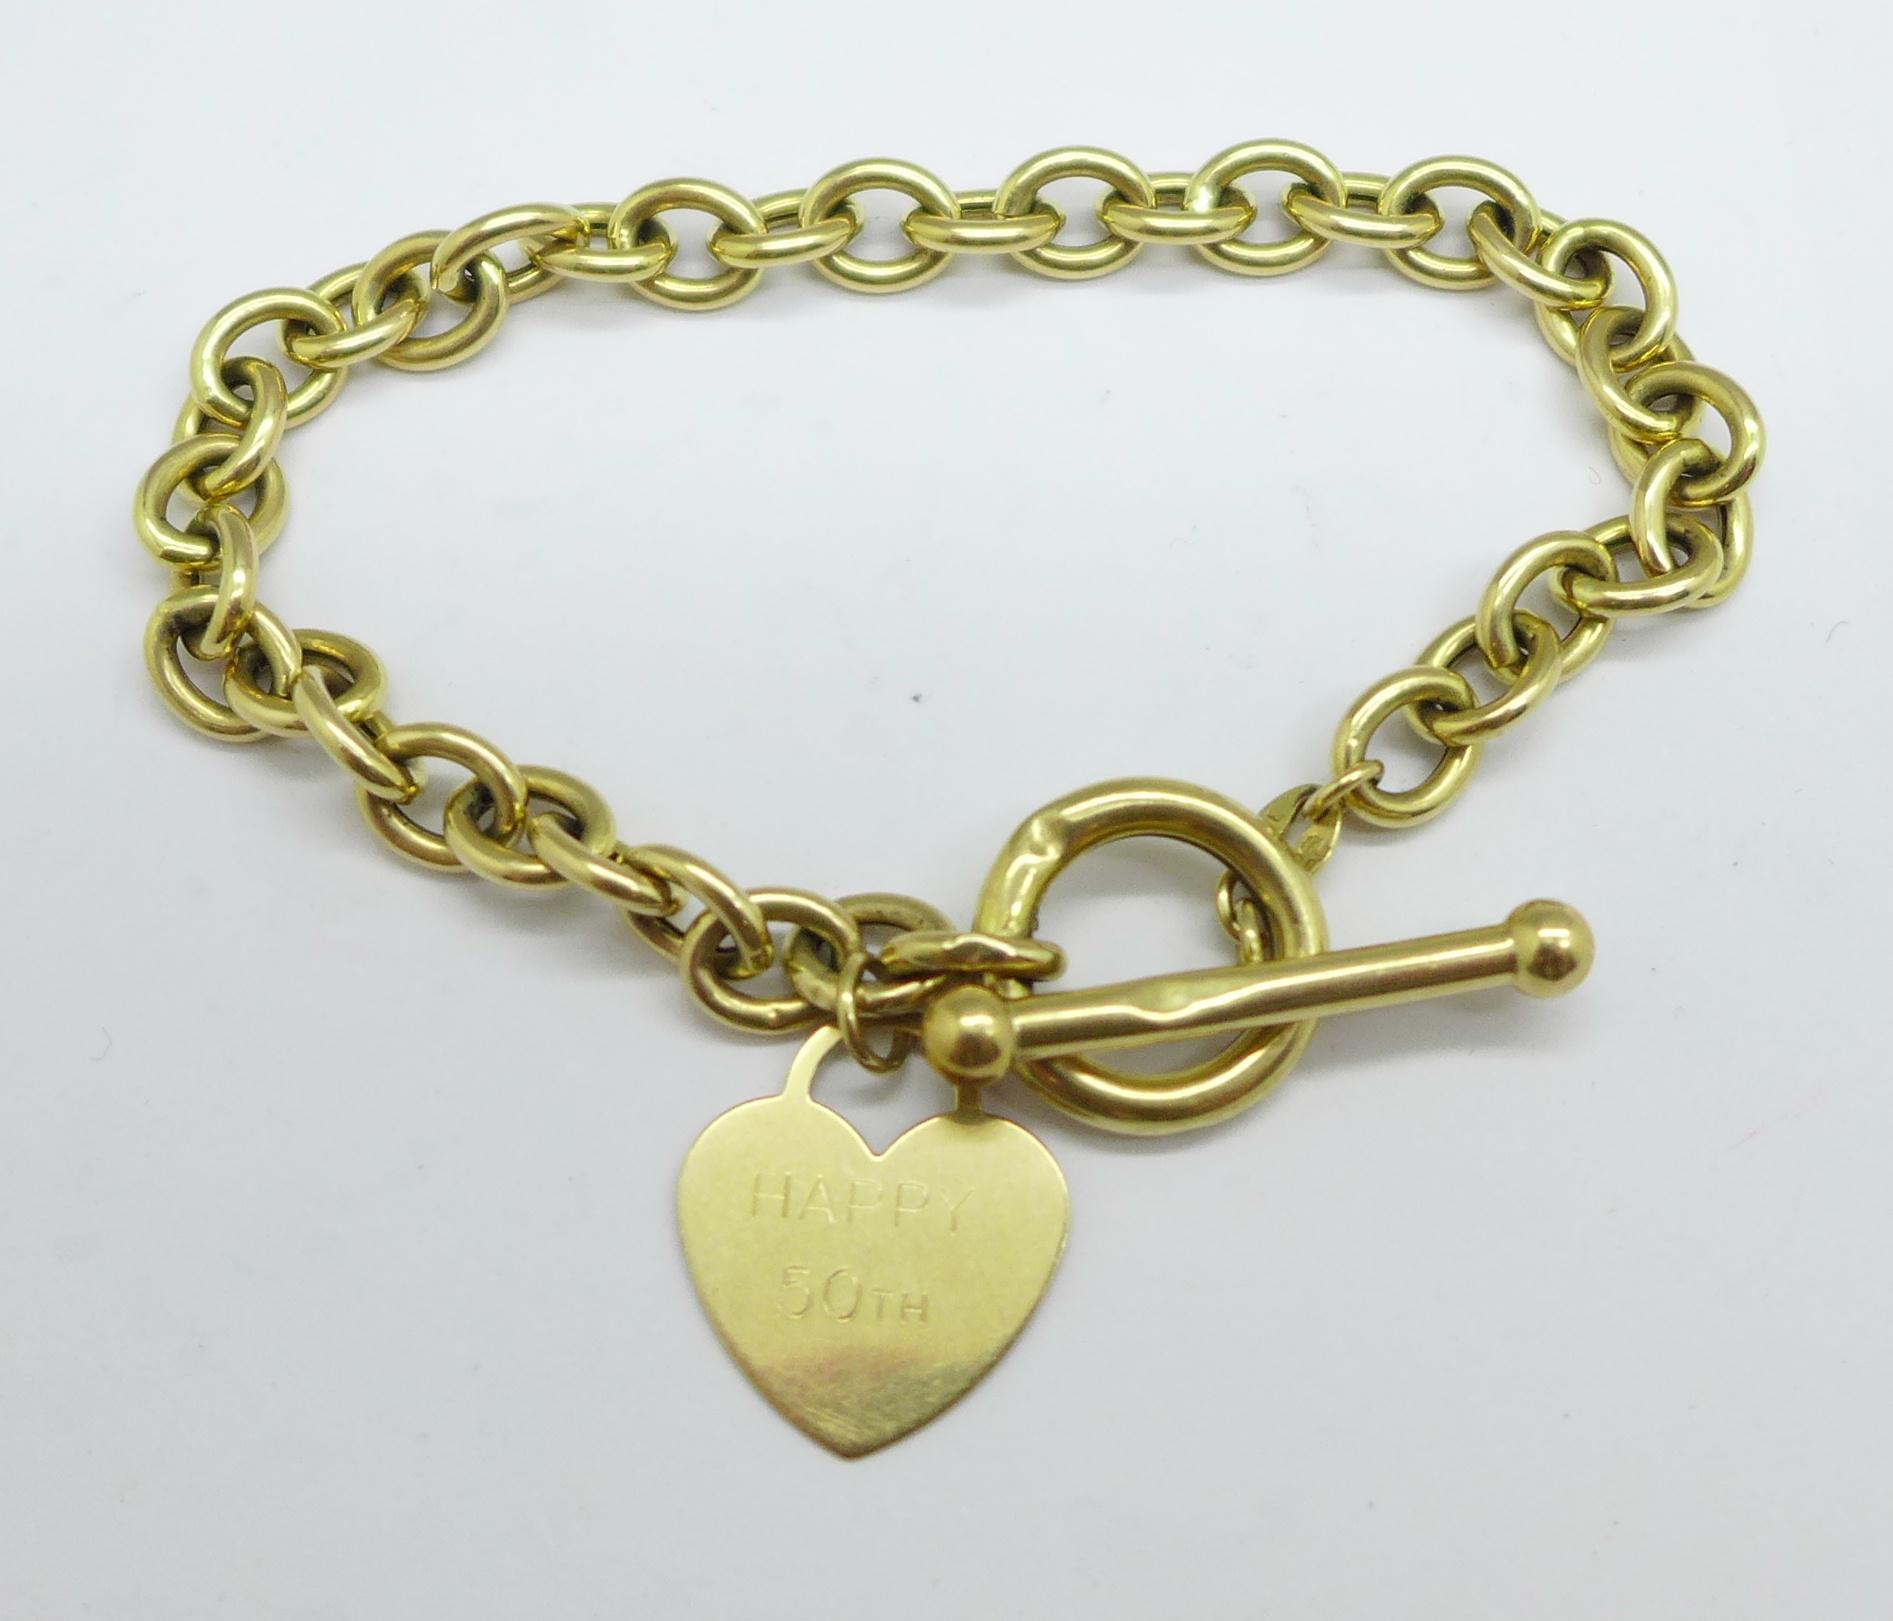 A yellow metal bracelet, 5.5g